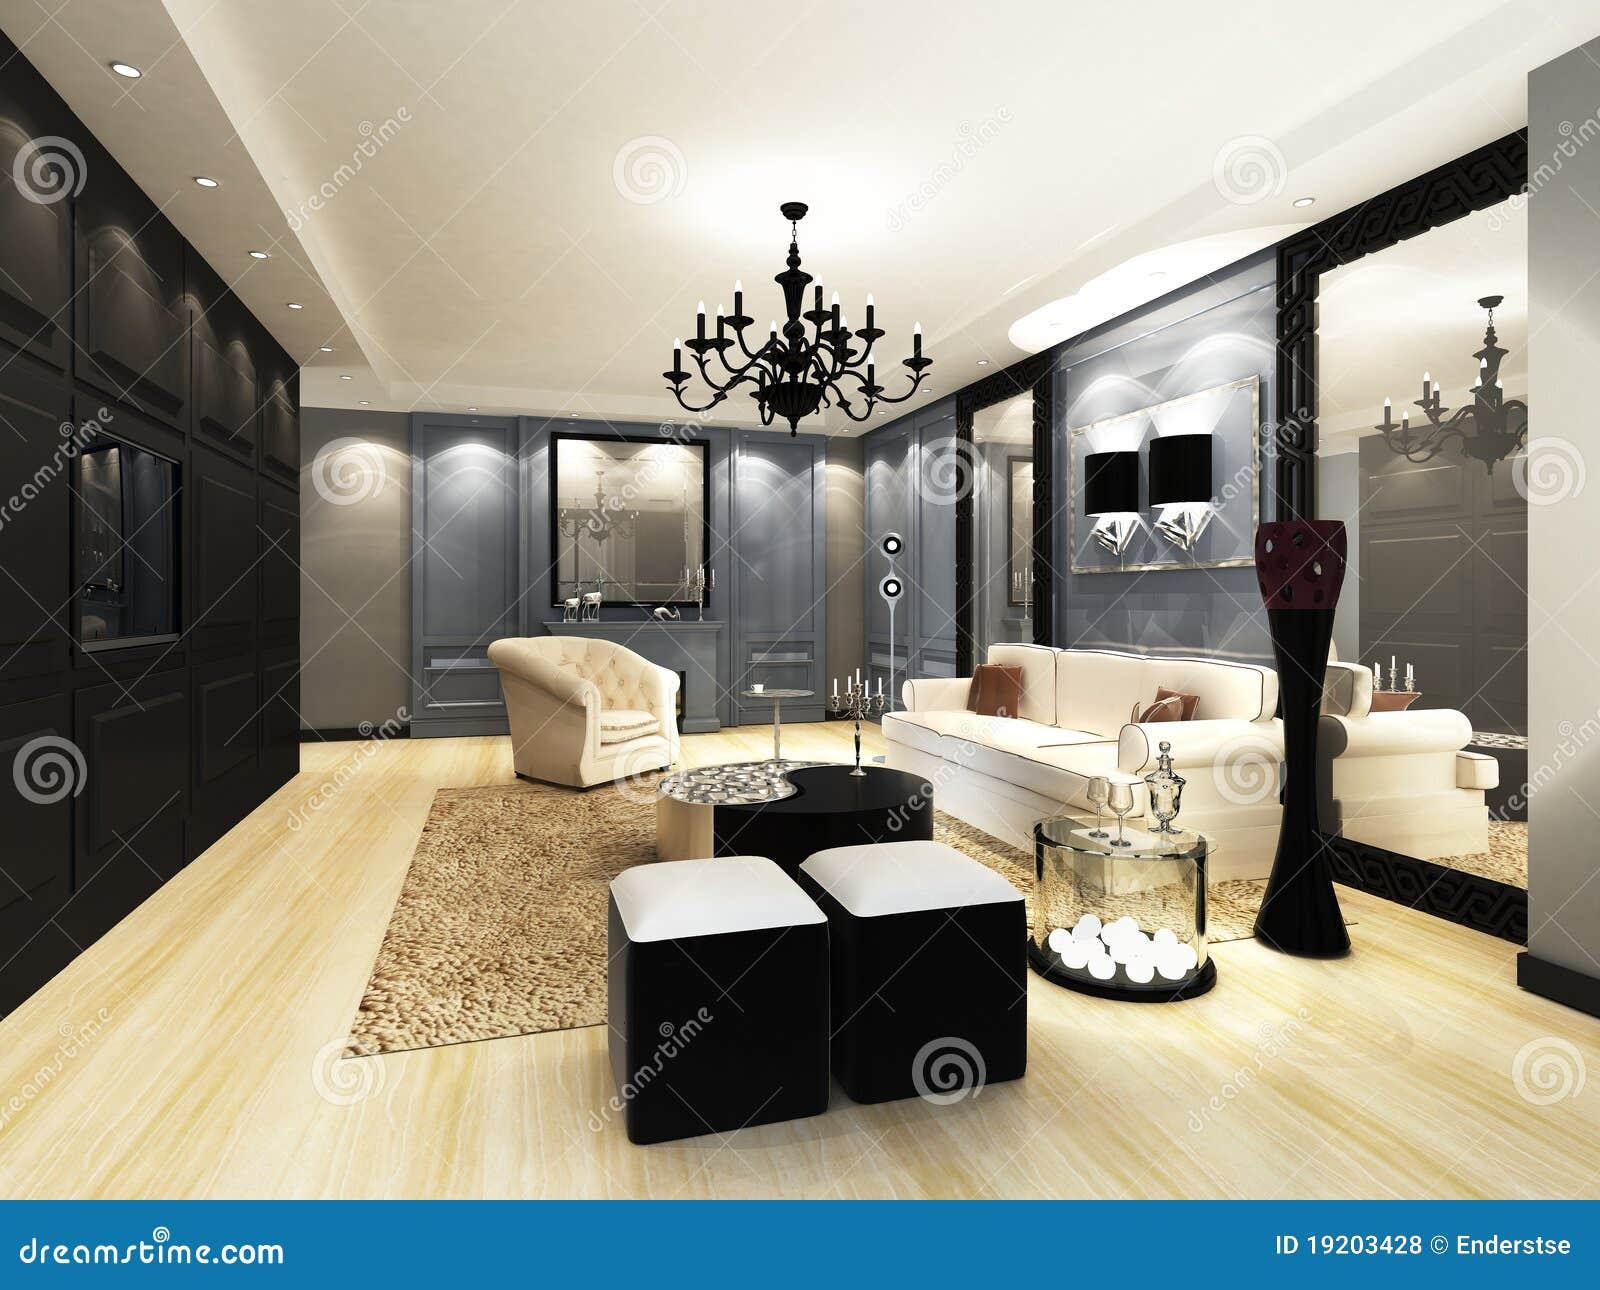 elegantes wohnzimmer lizenzfreie stockfotos - bild: 19203428, Wohnzimmer dekoo